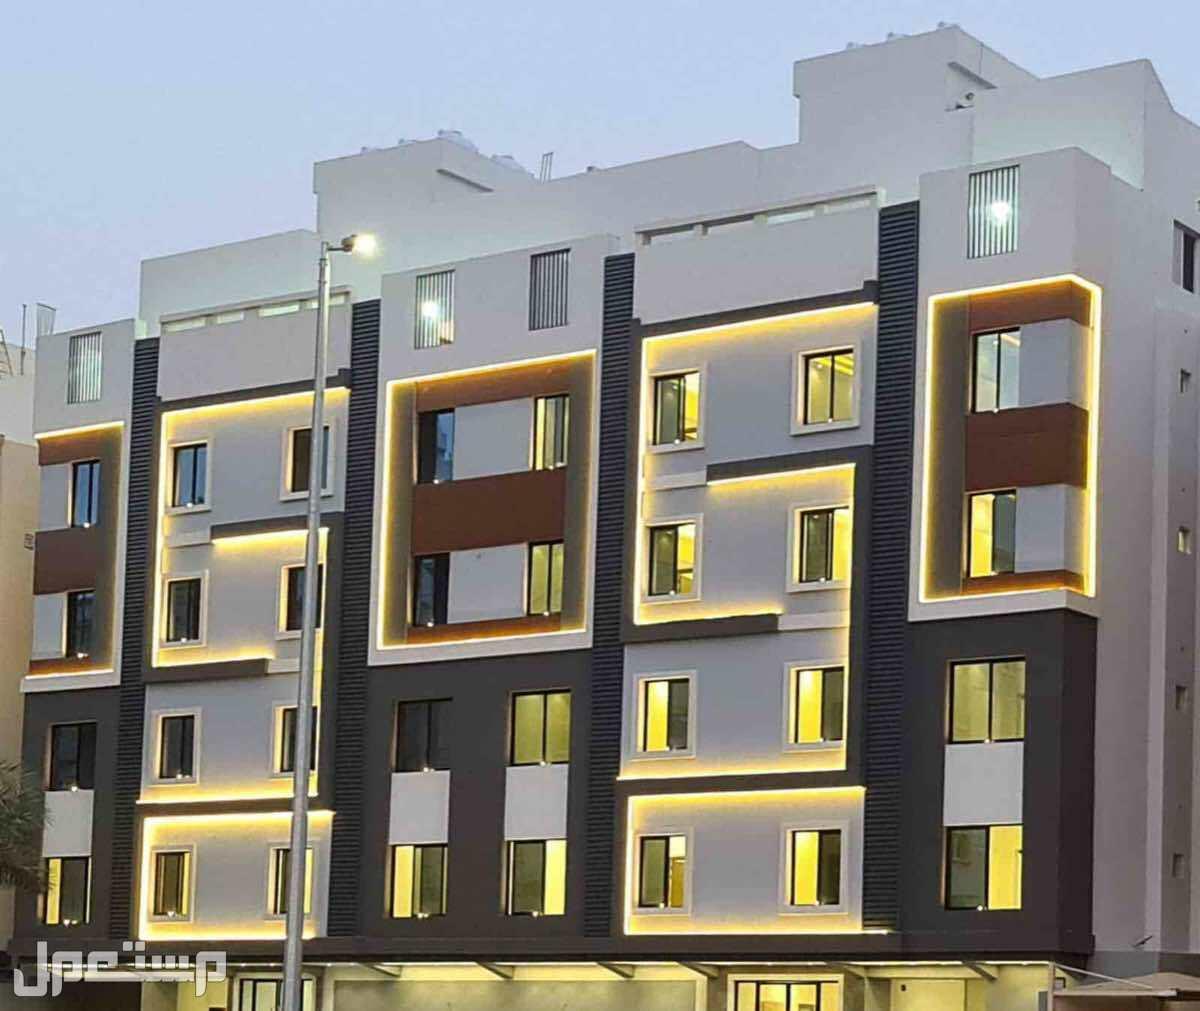 شقق للبيع بحي المروه بتصميم وديكور عصري 5 غرف بمنافعها